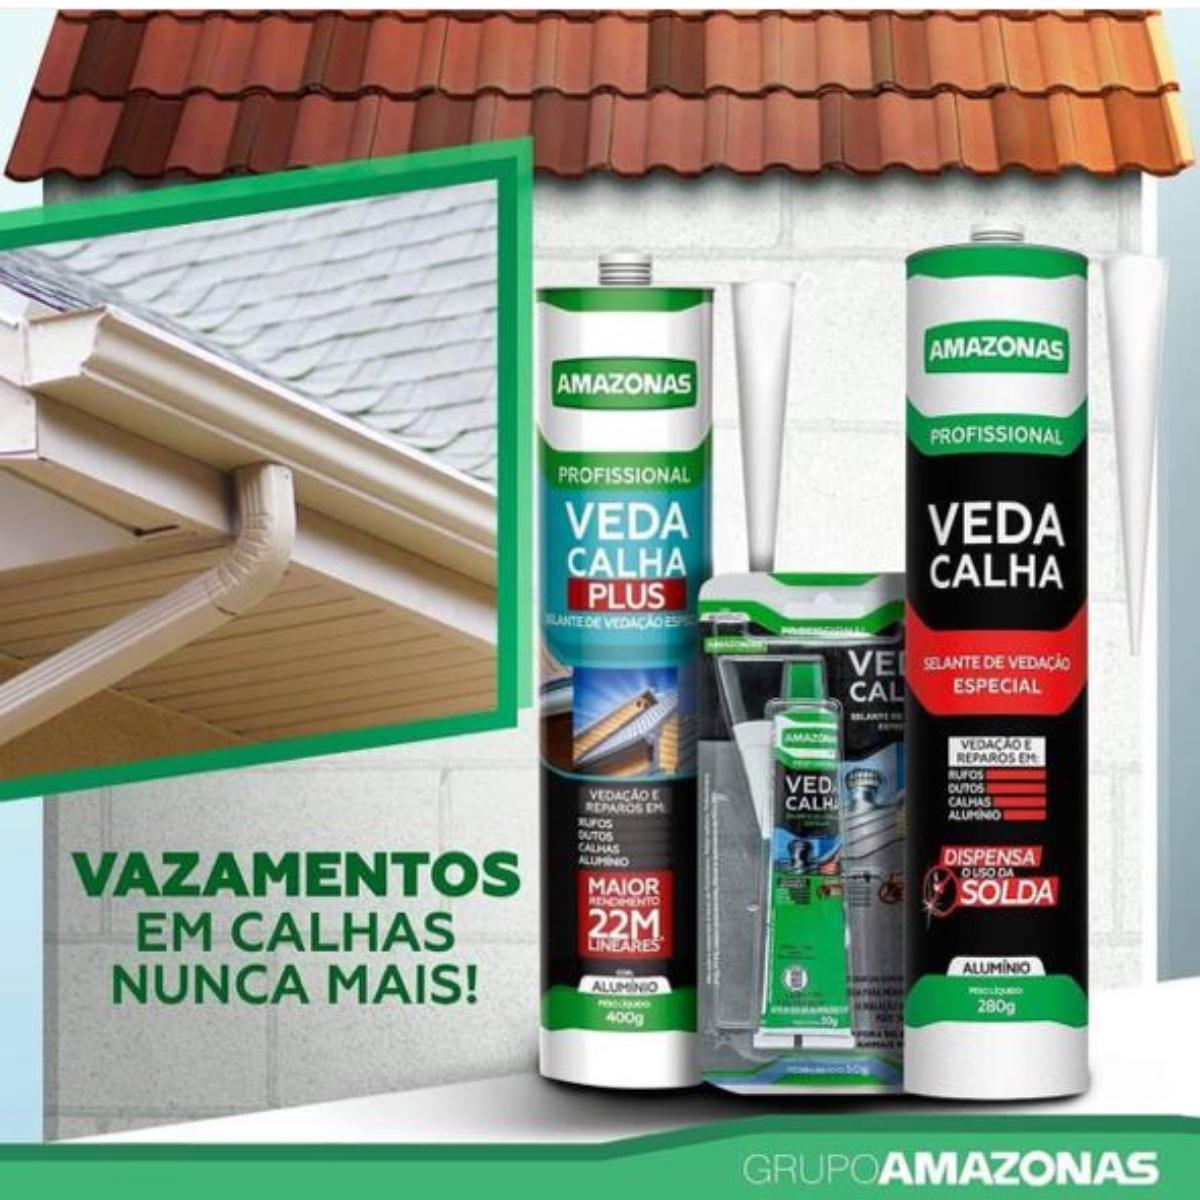 Adesivo Veda Calha Selante Vedação Amazonas 280g Kit 3 Uni